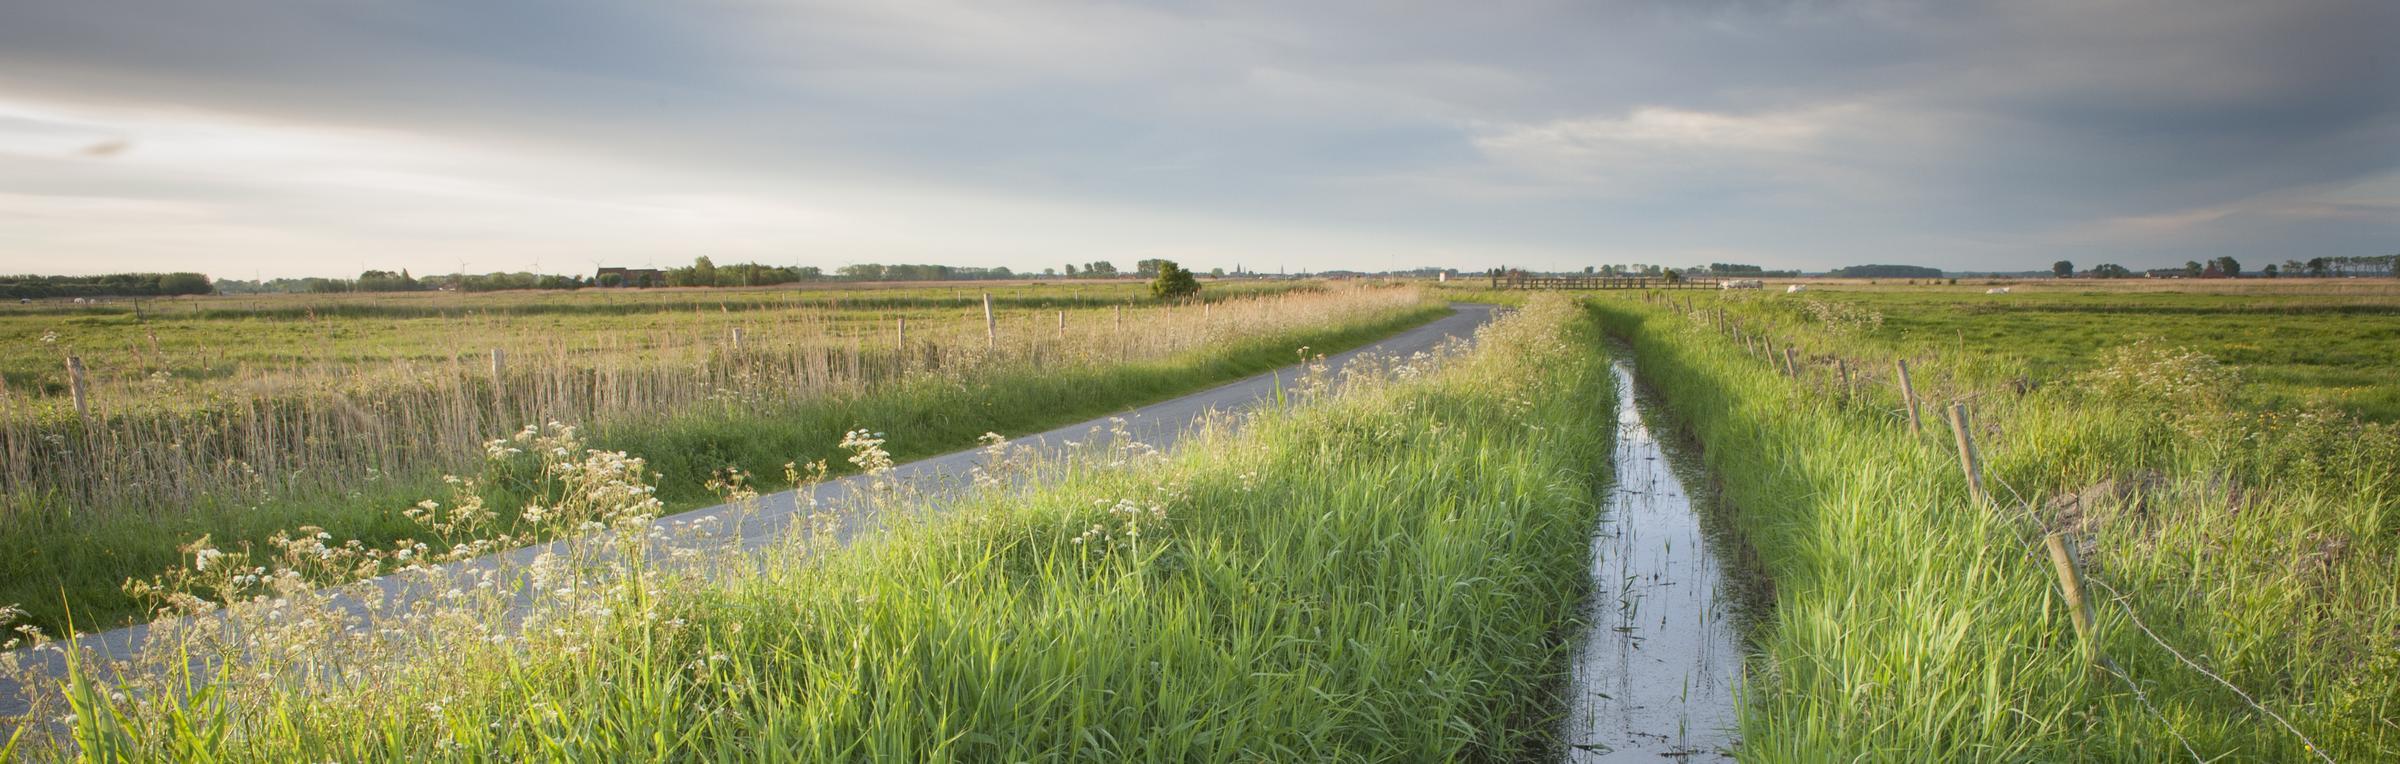 Uitkerkse polders